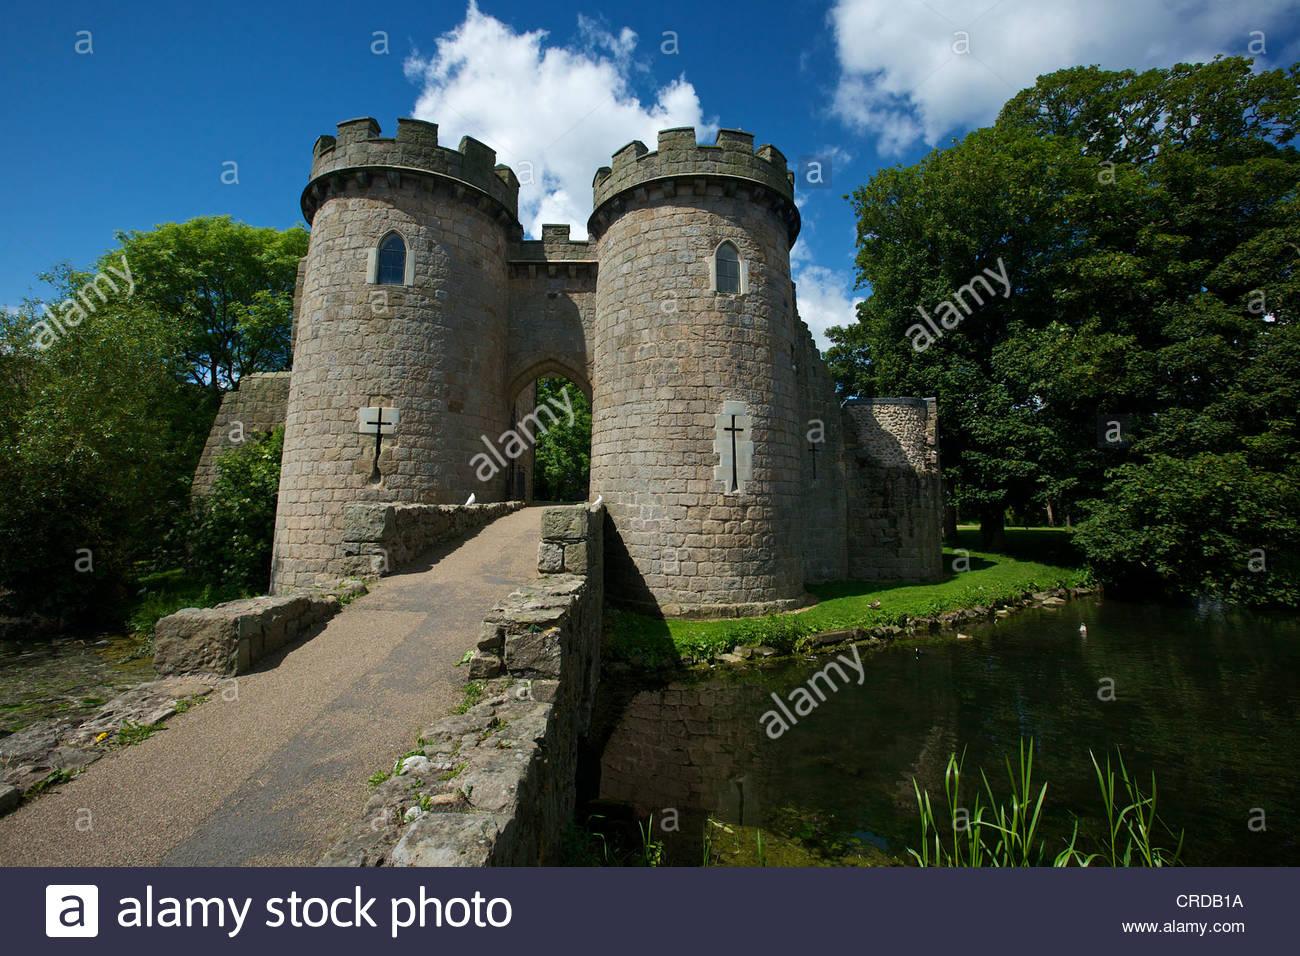 Whittington Castle near Oswestry Shropshire West Midlands England UK - Stock Image